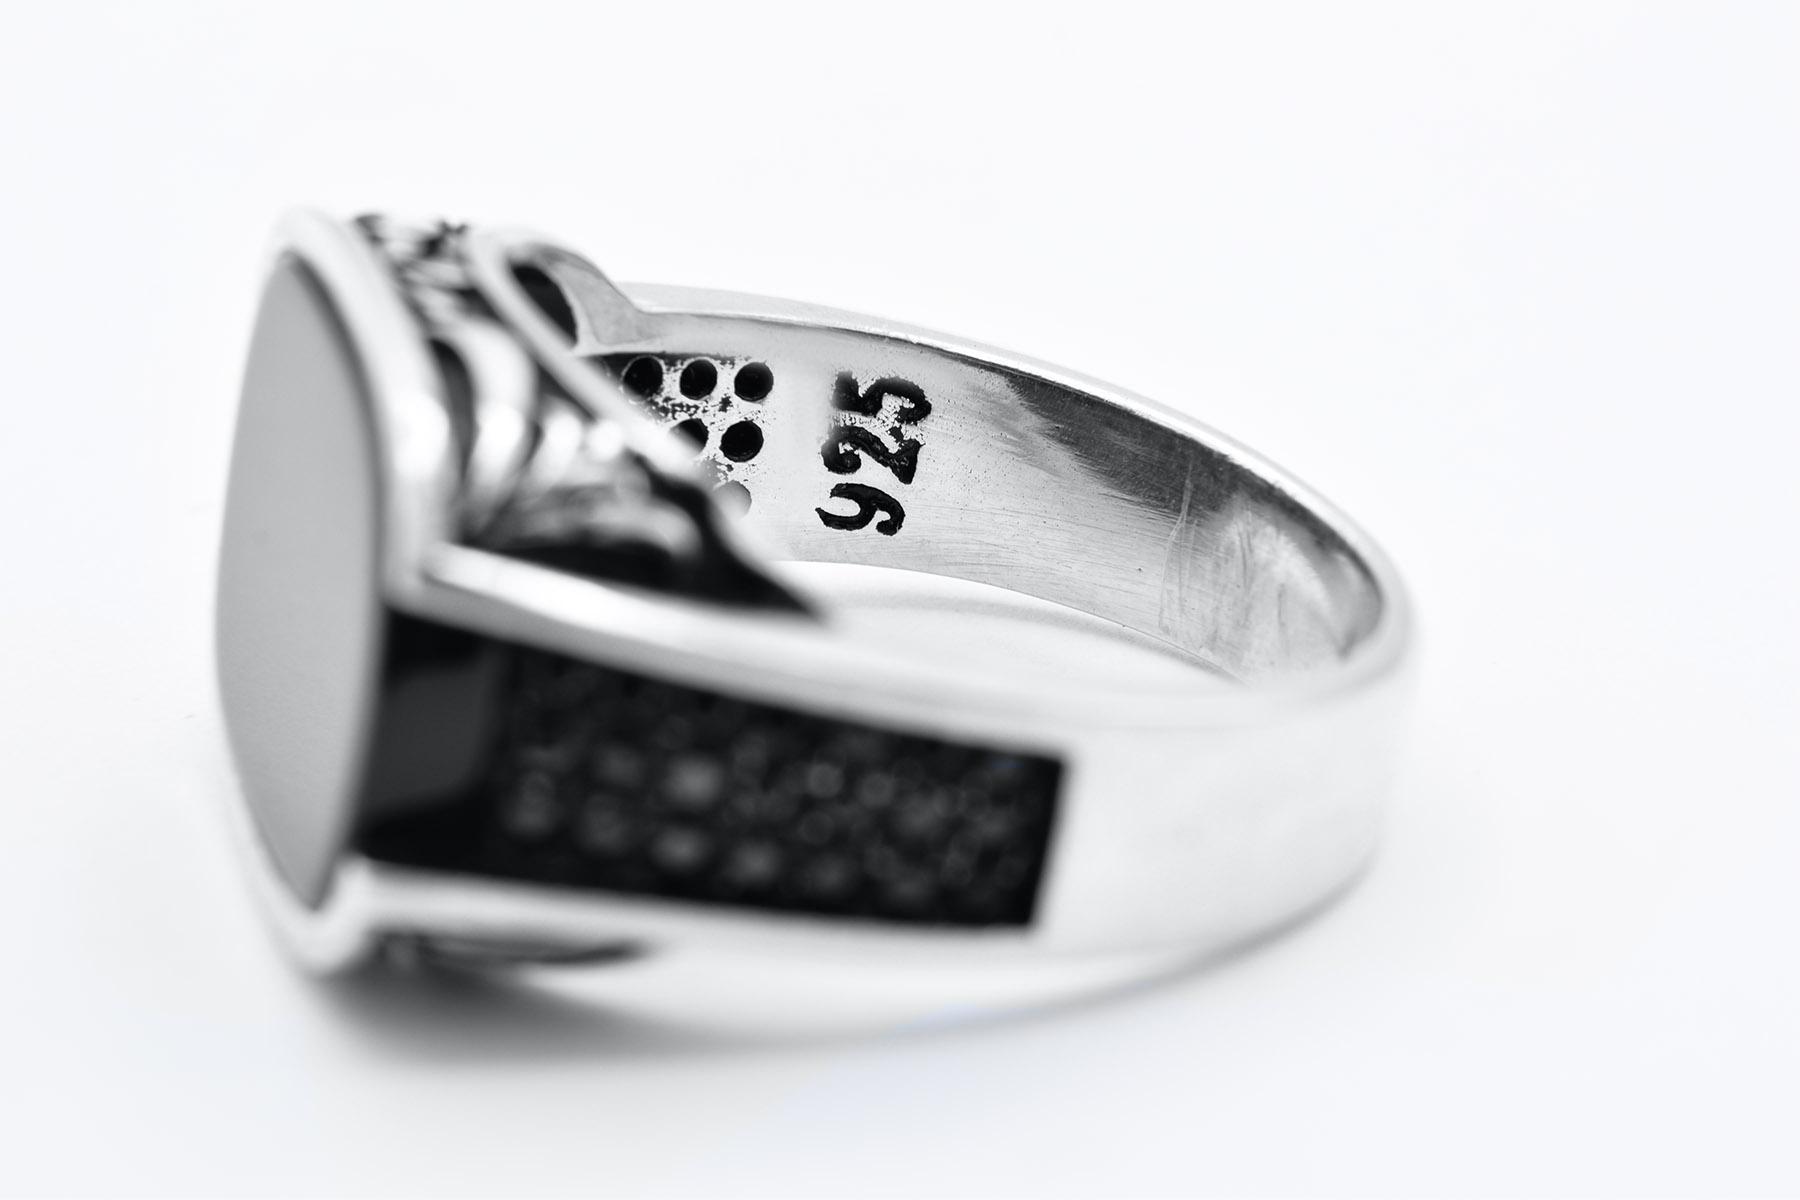 انگشتر مردانه نقره ترکیه نگین مربعی rg-n336 از نمای داخل